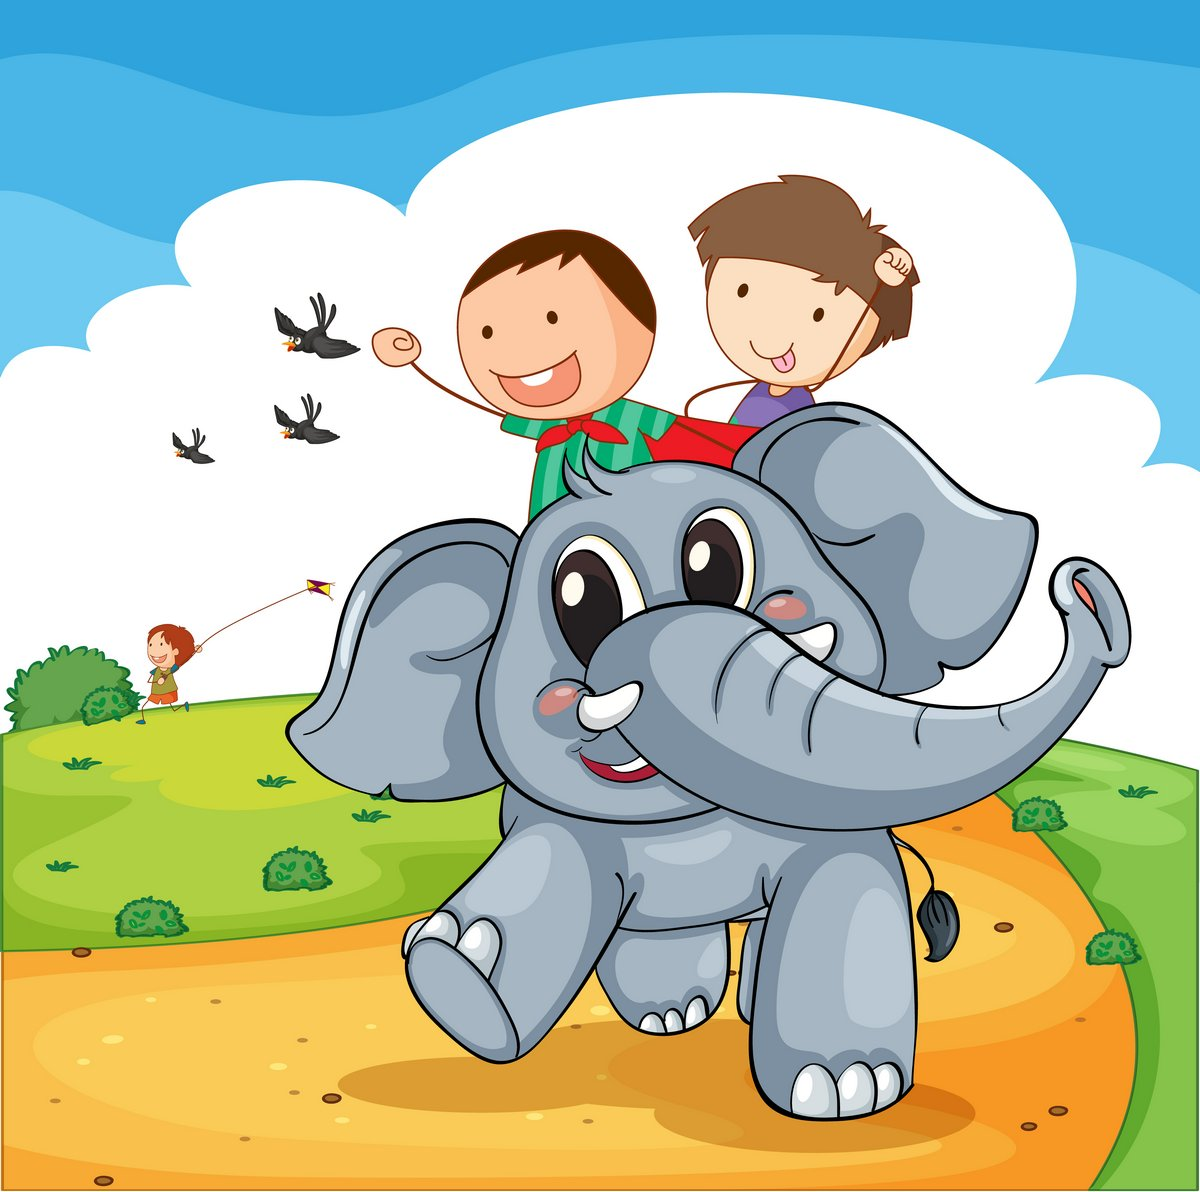 Постер Разные детские постеры Поездка на слонахРазные детские постеры<br>Постер на холсте или бумаге. Любого нужного вам размера. В раме или без. Подвес в комплекте. Трехслойная надежная упаковка. Доставим в любую точку России. Вам осталось только повесить картину на стену!<br>